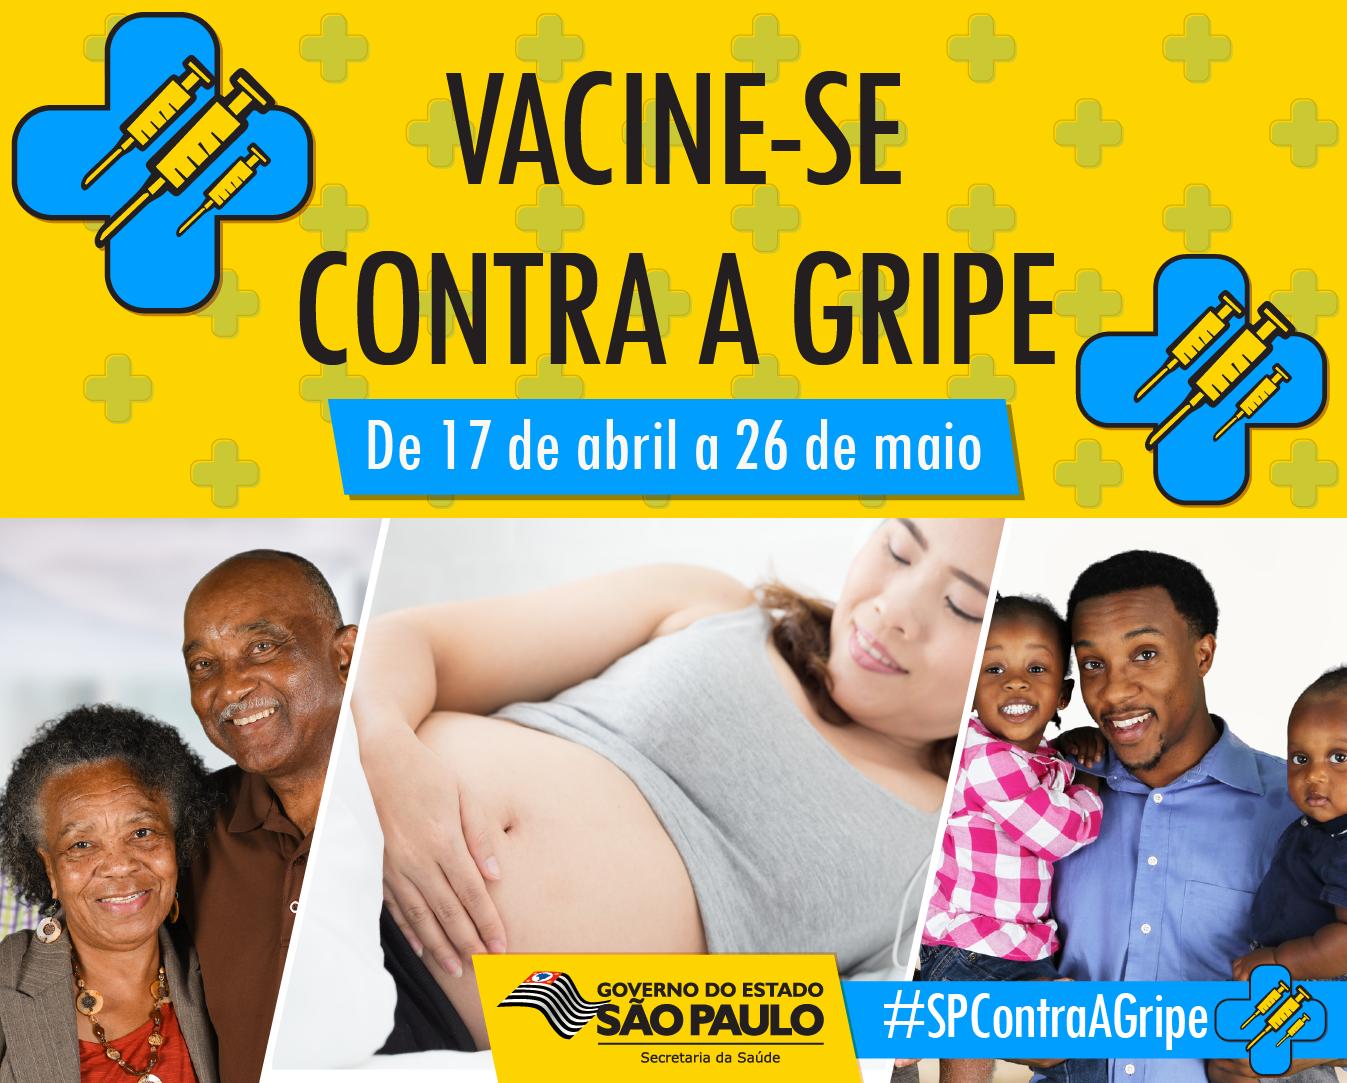 Ministério da Saúde prorroga campanha de vacinação contra gripe